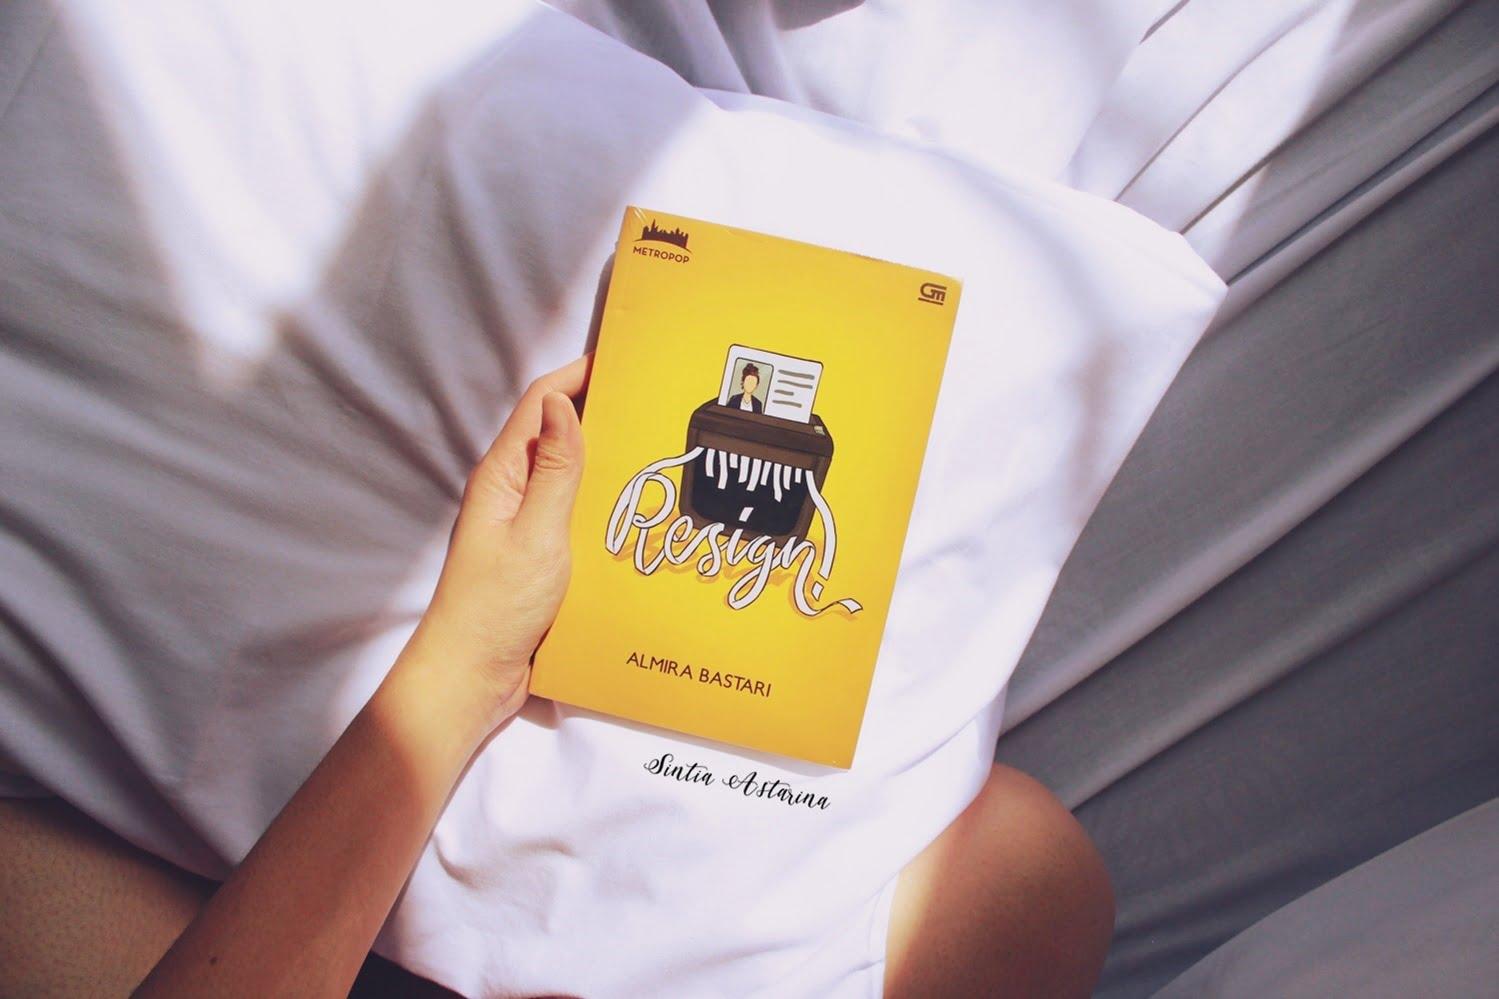 Pengalaman Beli Buku di Grobmart untuk Pertama Kalinya - Almira Bastari